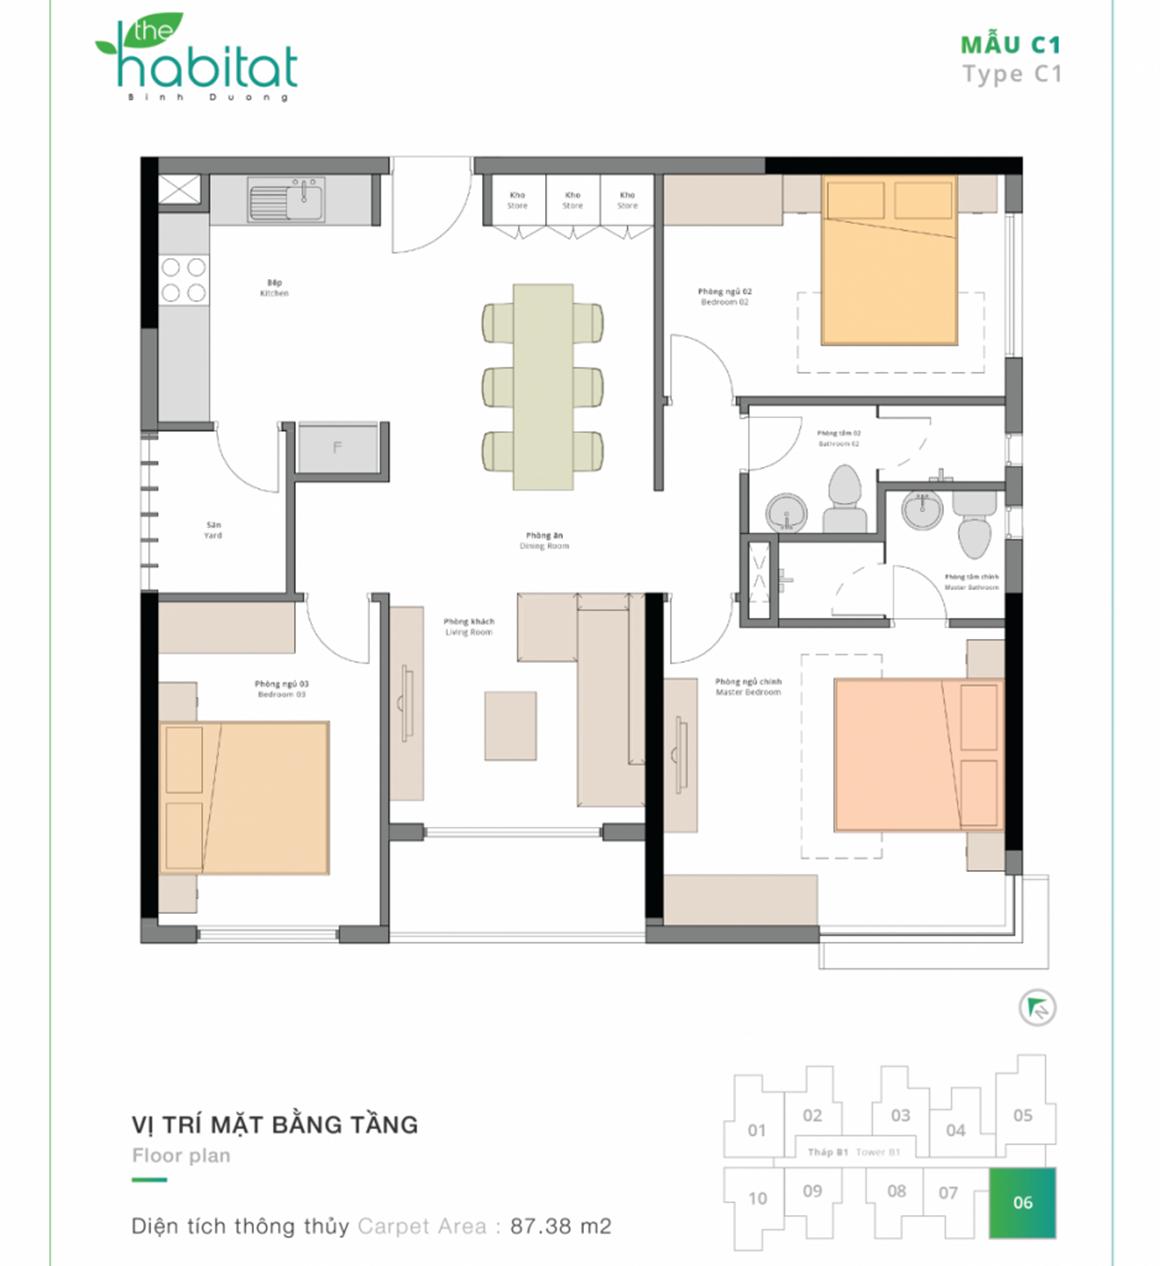 Thiết kế dự án The Habitat Mẫu C1